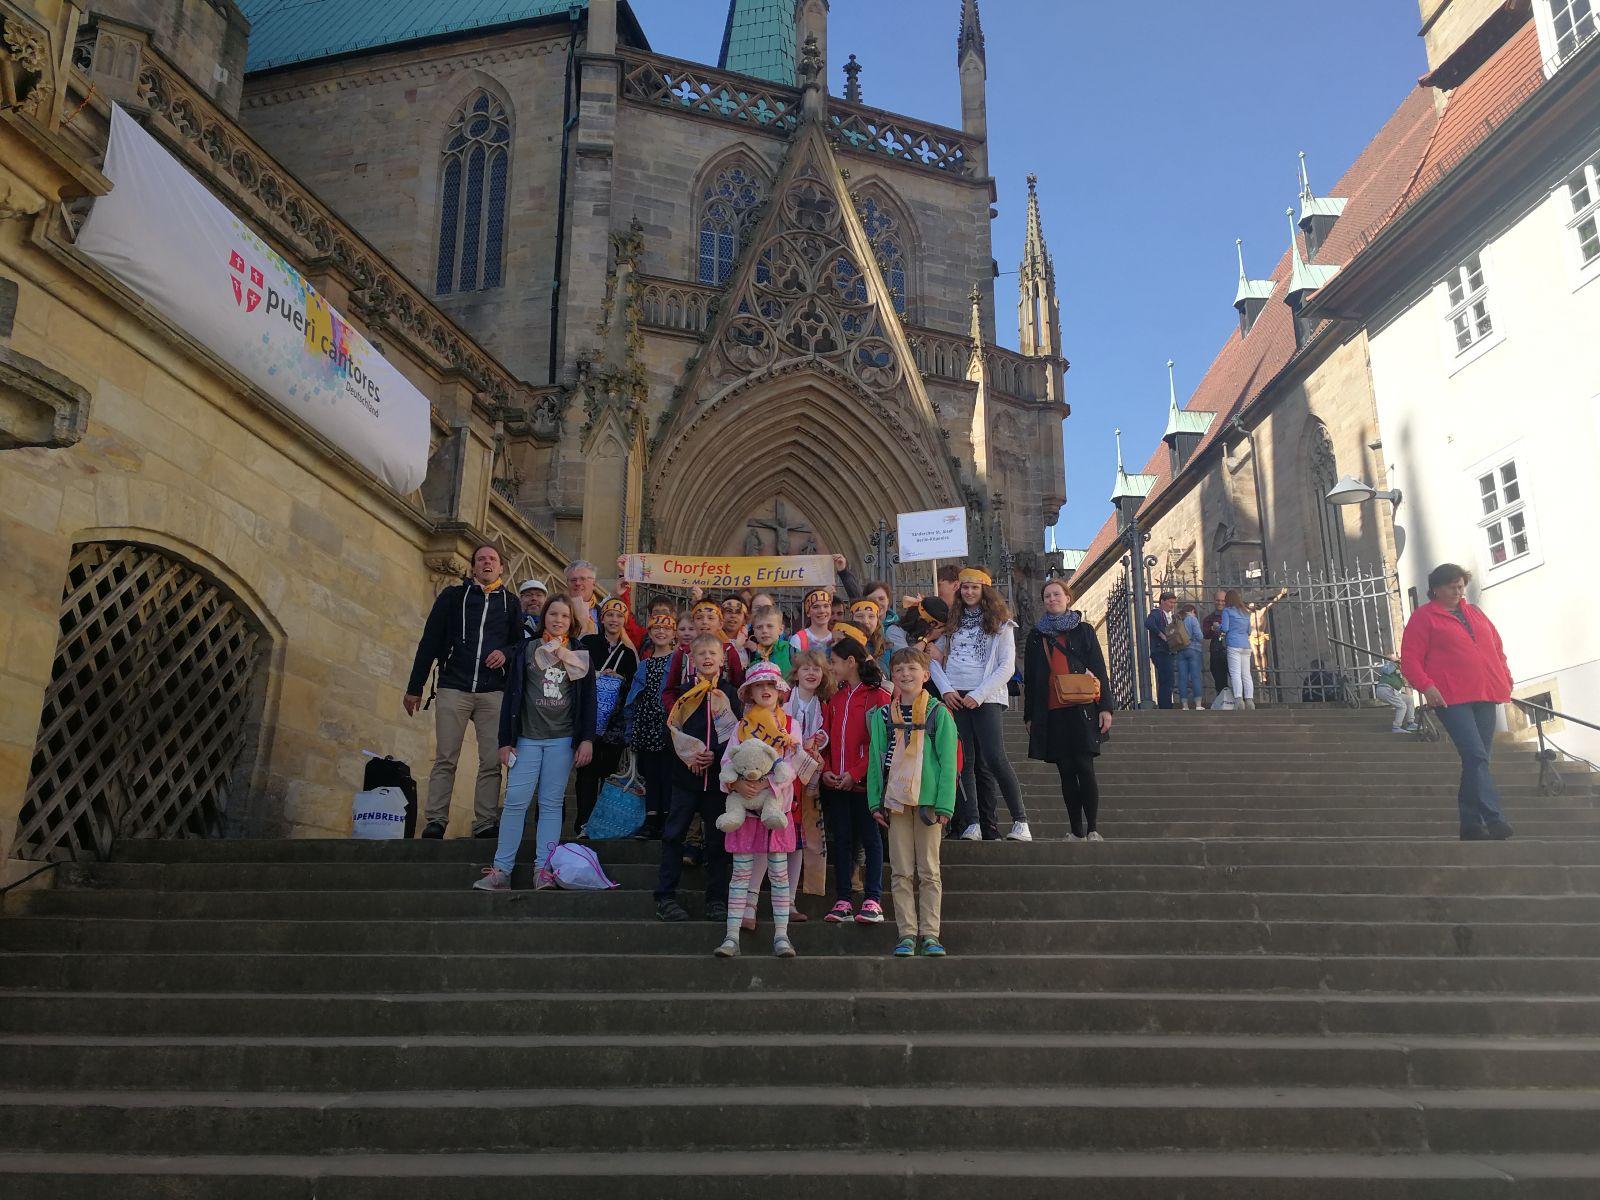 PUERI CANTORES – Chorfest 2018 in Erfurt – Wir waren dabei!